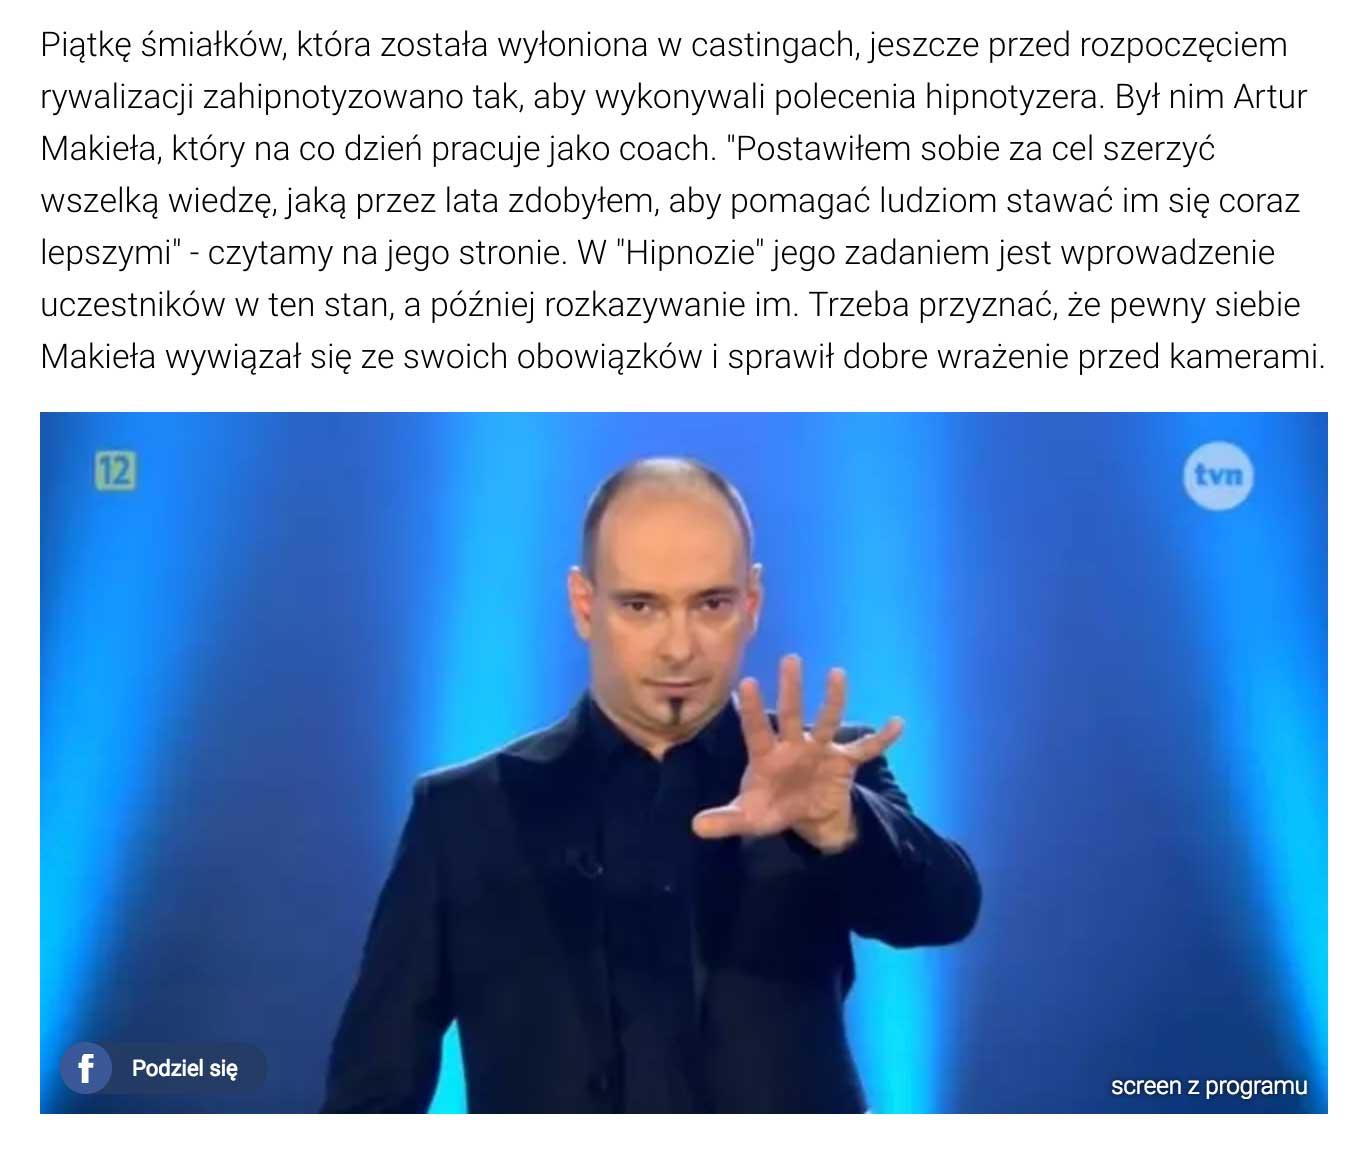 Media_WP